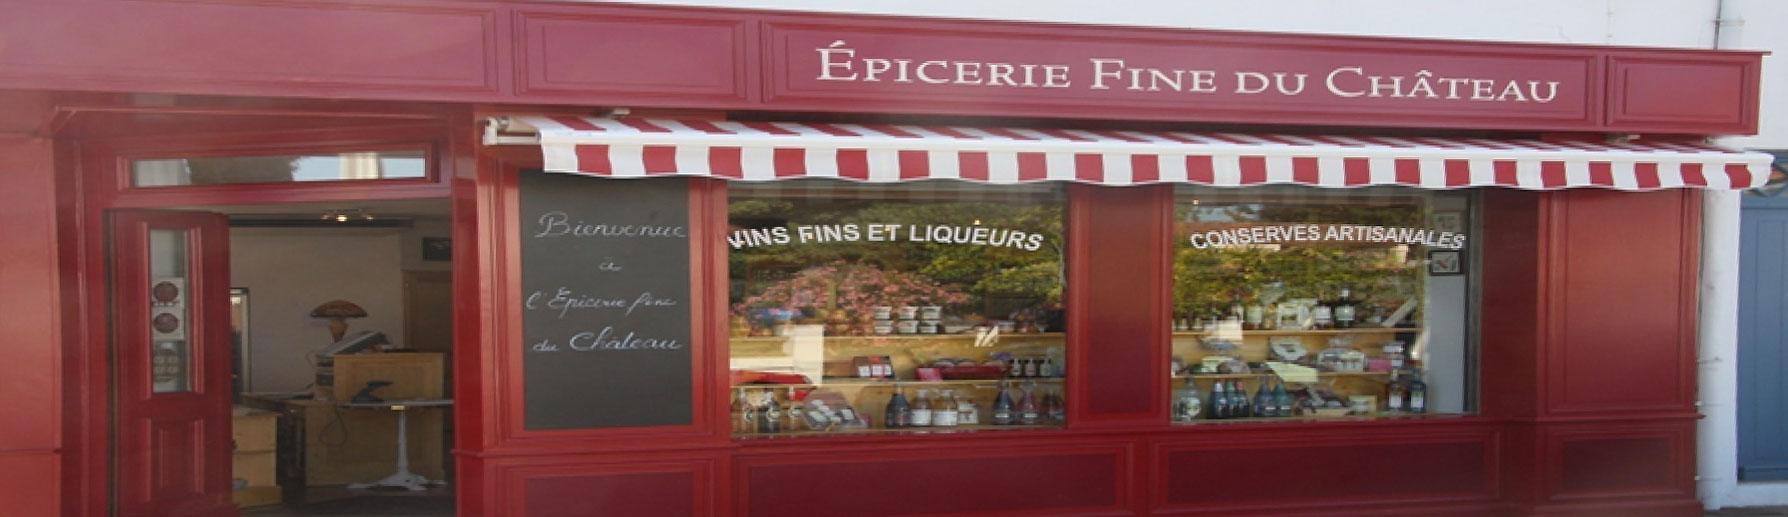 Épicerie fine du Château, île d'Oléron,